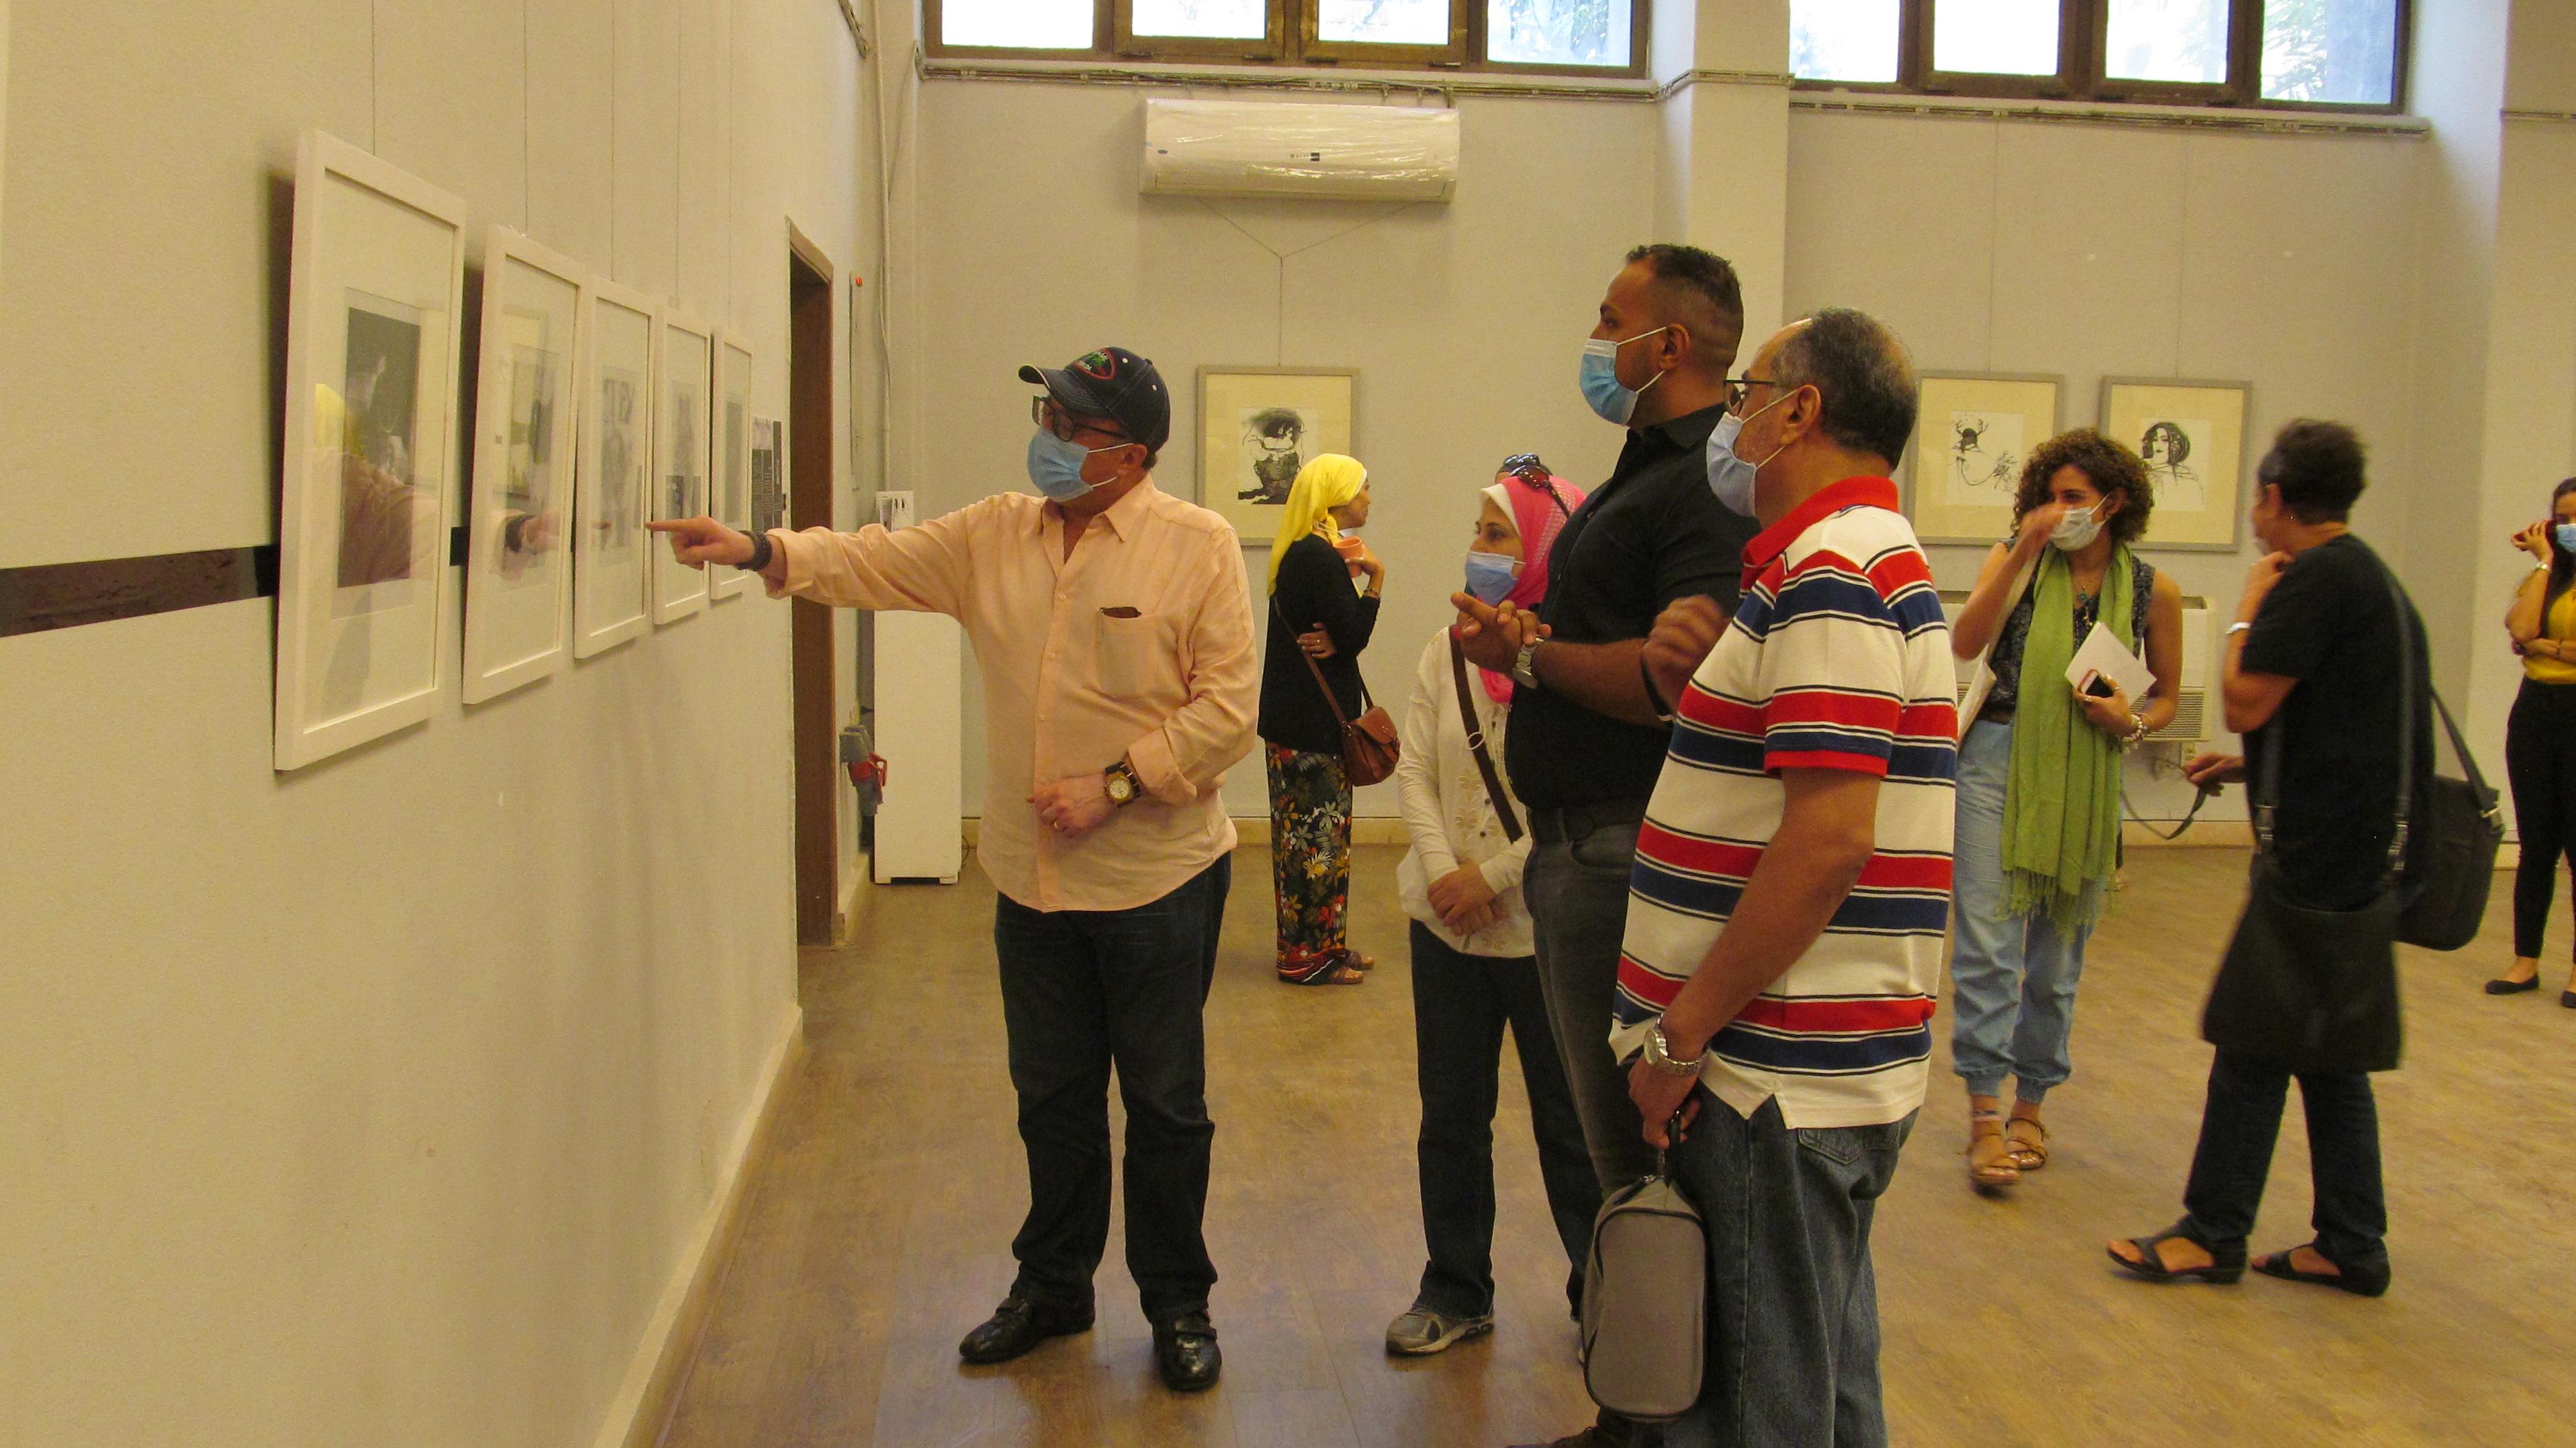 الدكتور أشرف رضا يتفقد المعرض بكلية الفنون الجميلة بالزمالك (1)